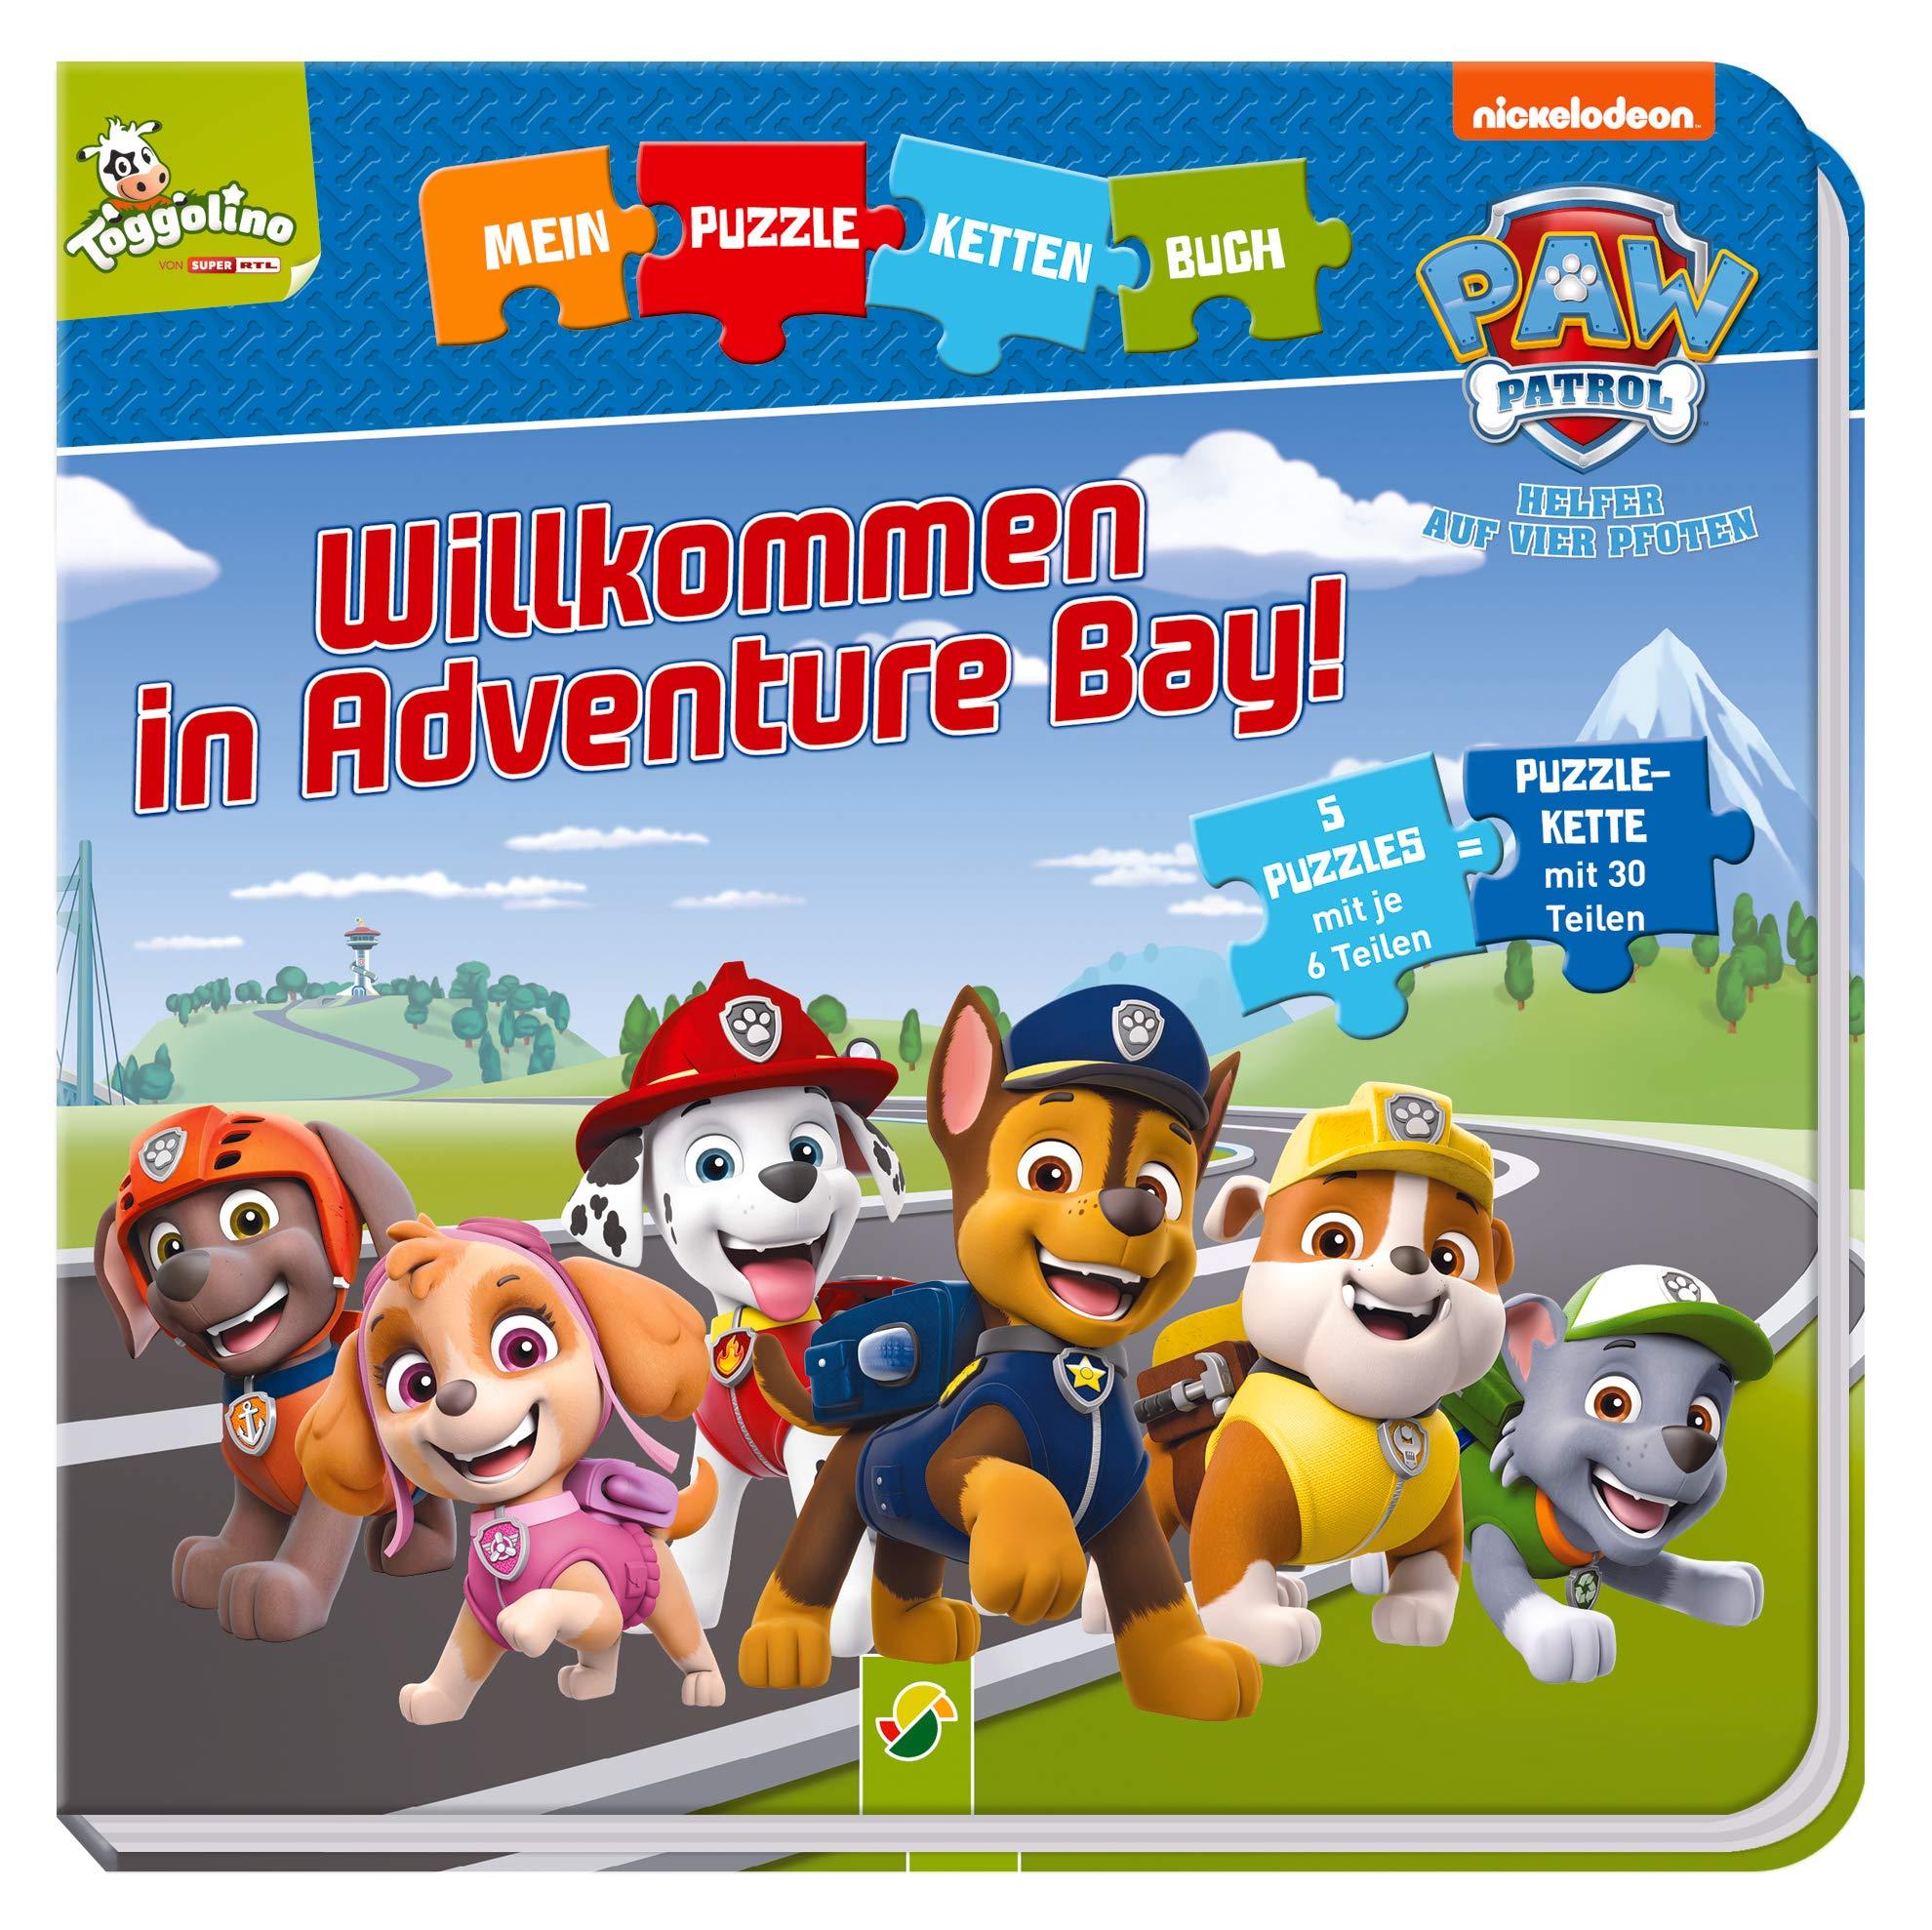 Paw Patrol   Willkommen In Adventure Bay   Puzzlekettenbuch Mit 5 Puzzles Mit Je 6 Teilen